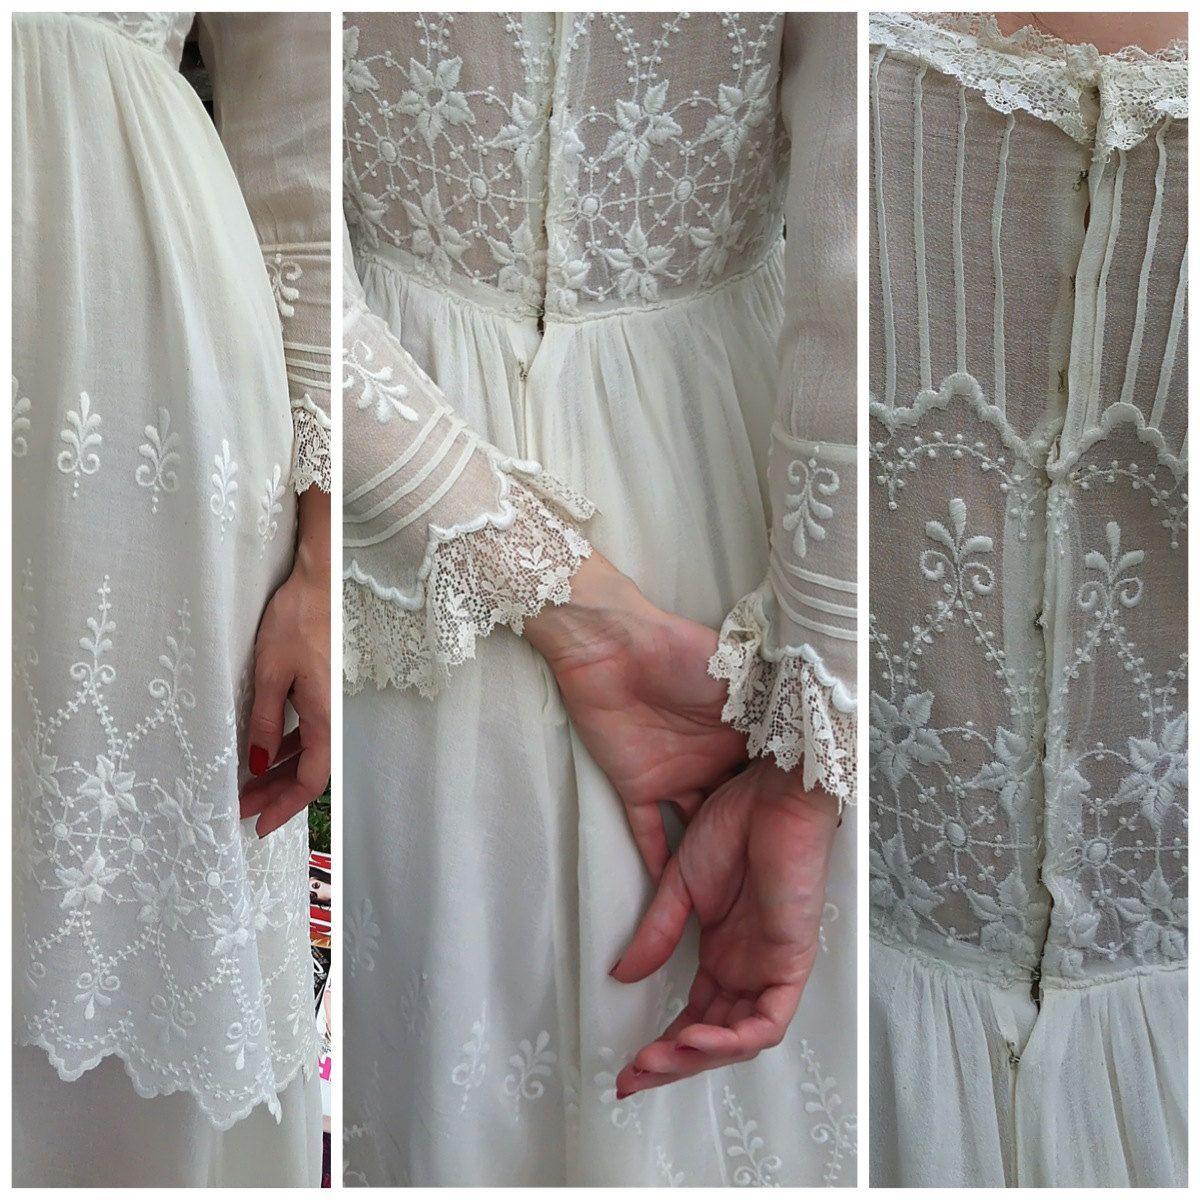 Vintage dressedwardian wedding dressantique dresslace dress